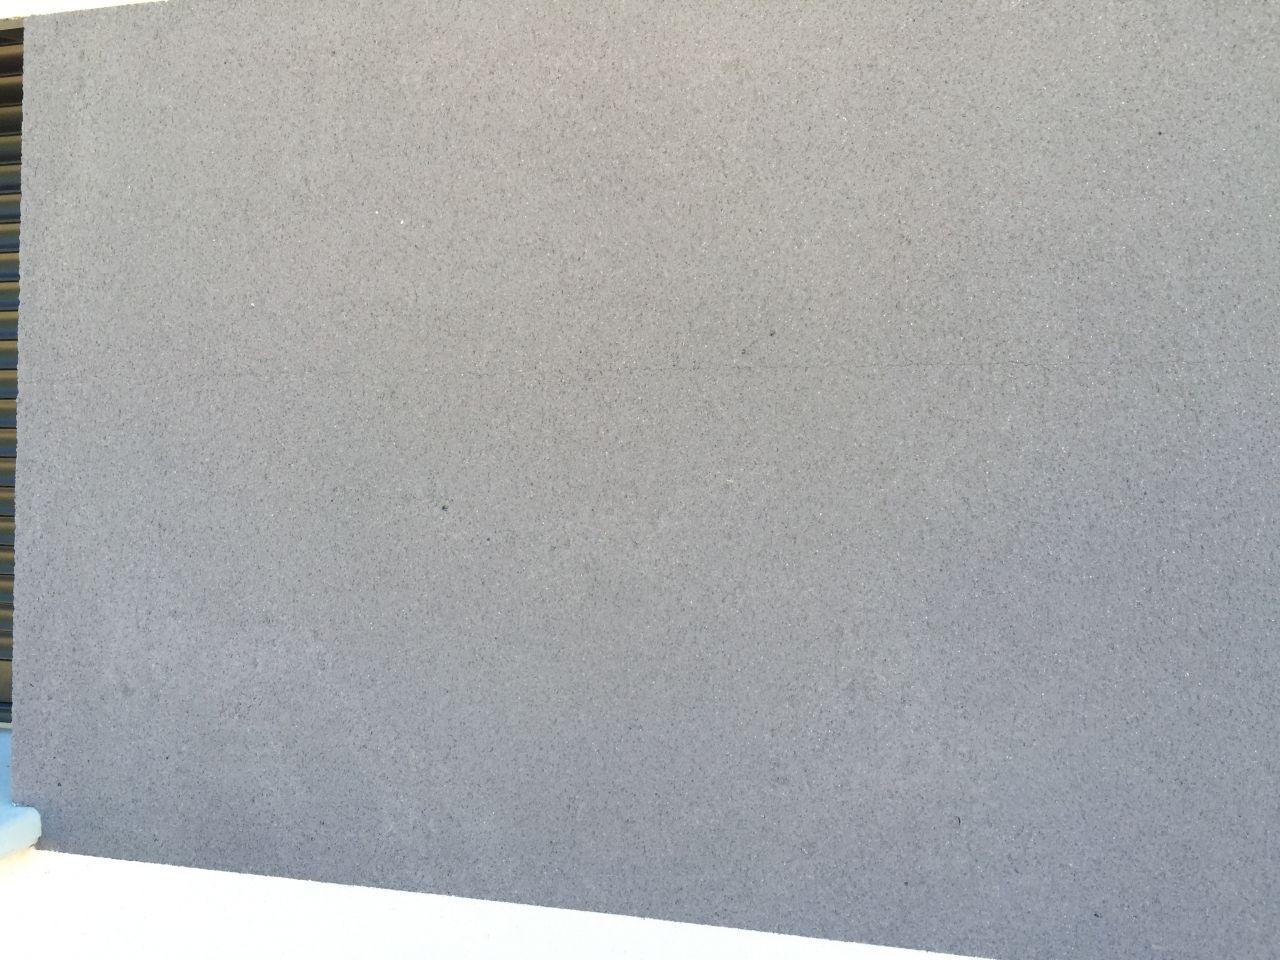 photo enduit fissur enduit cr pis facade seine maritime 76. Black Bedroom Furniture Sets. Home Design Ideas